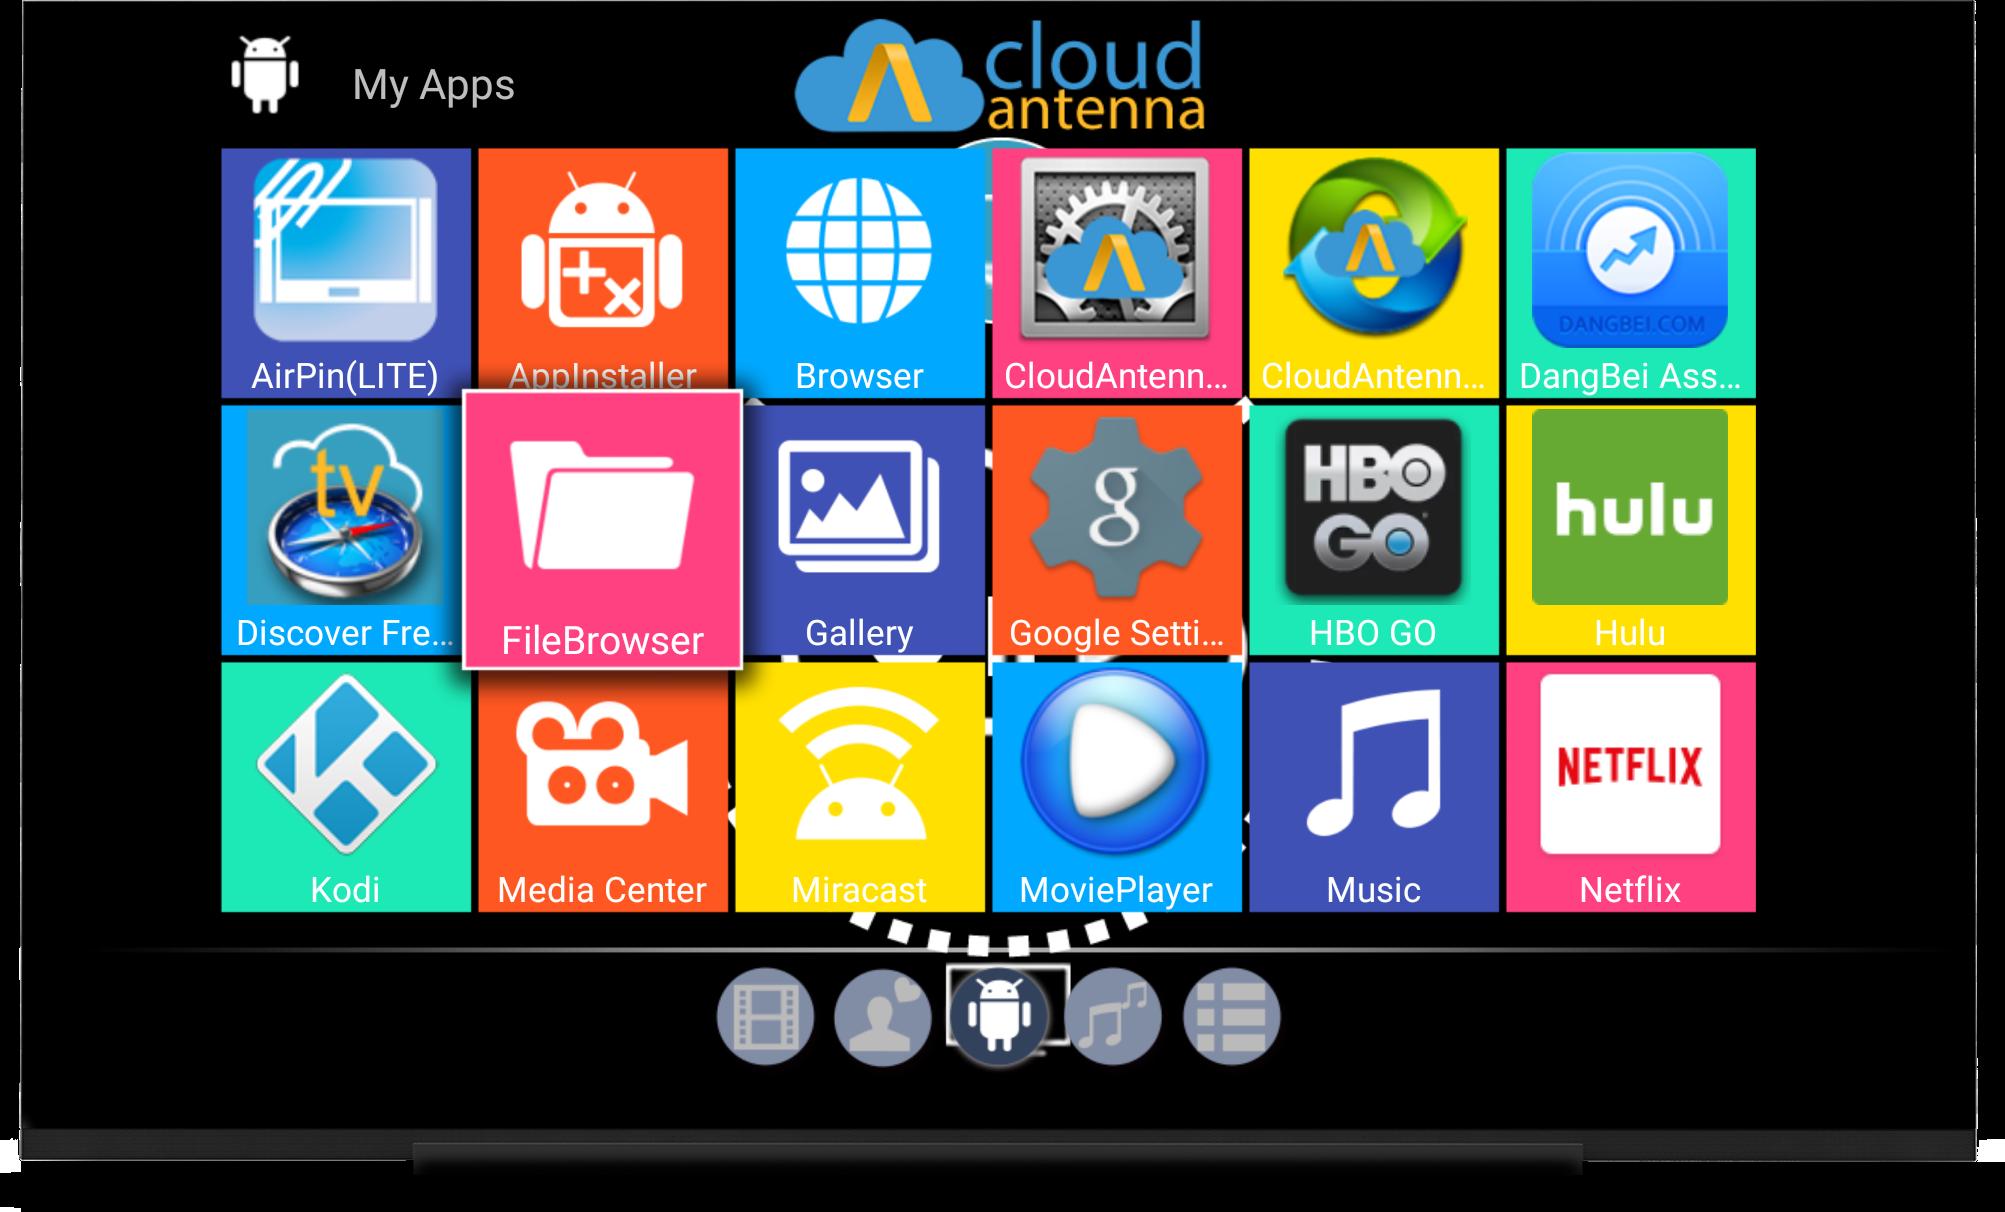 FreeAir tv Live TV (Player) application update : FreeAir tv: Watch